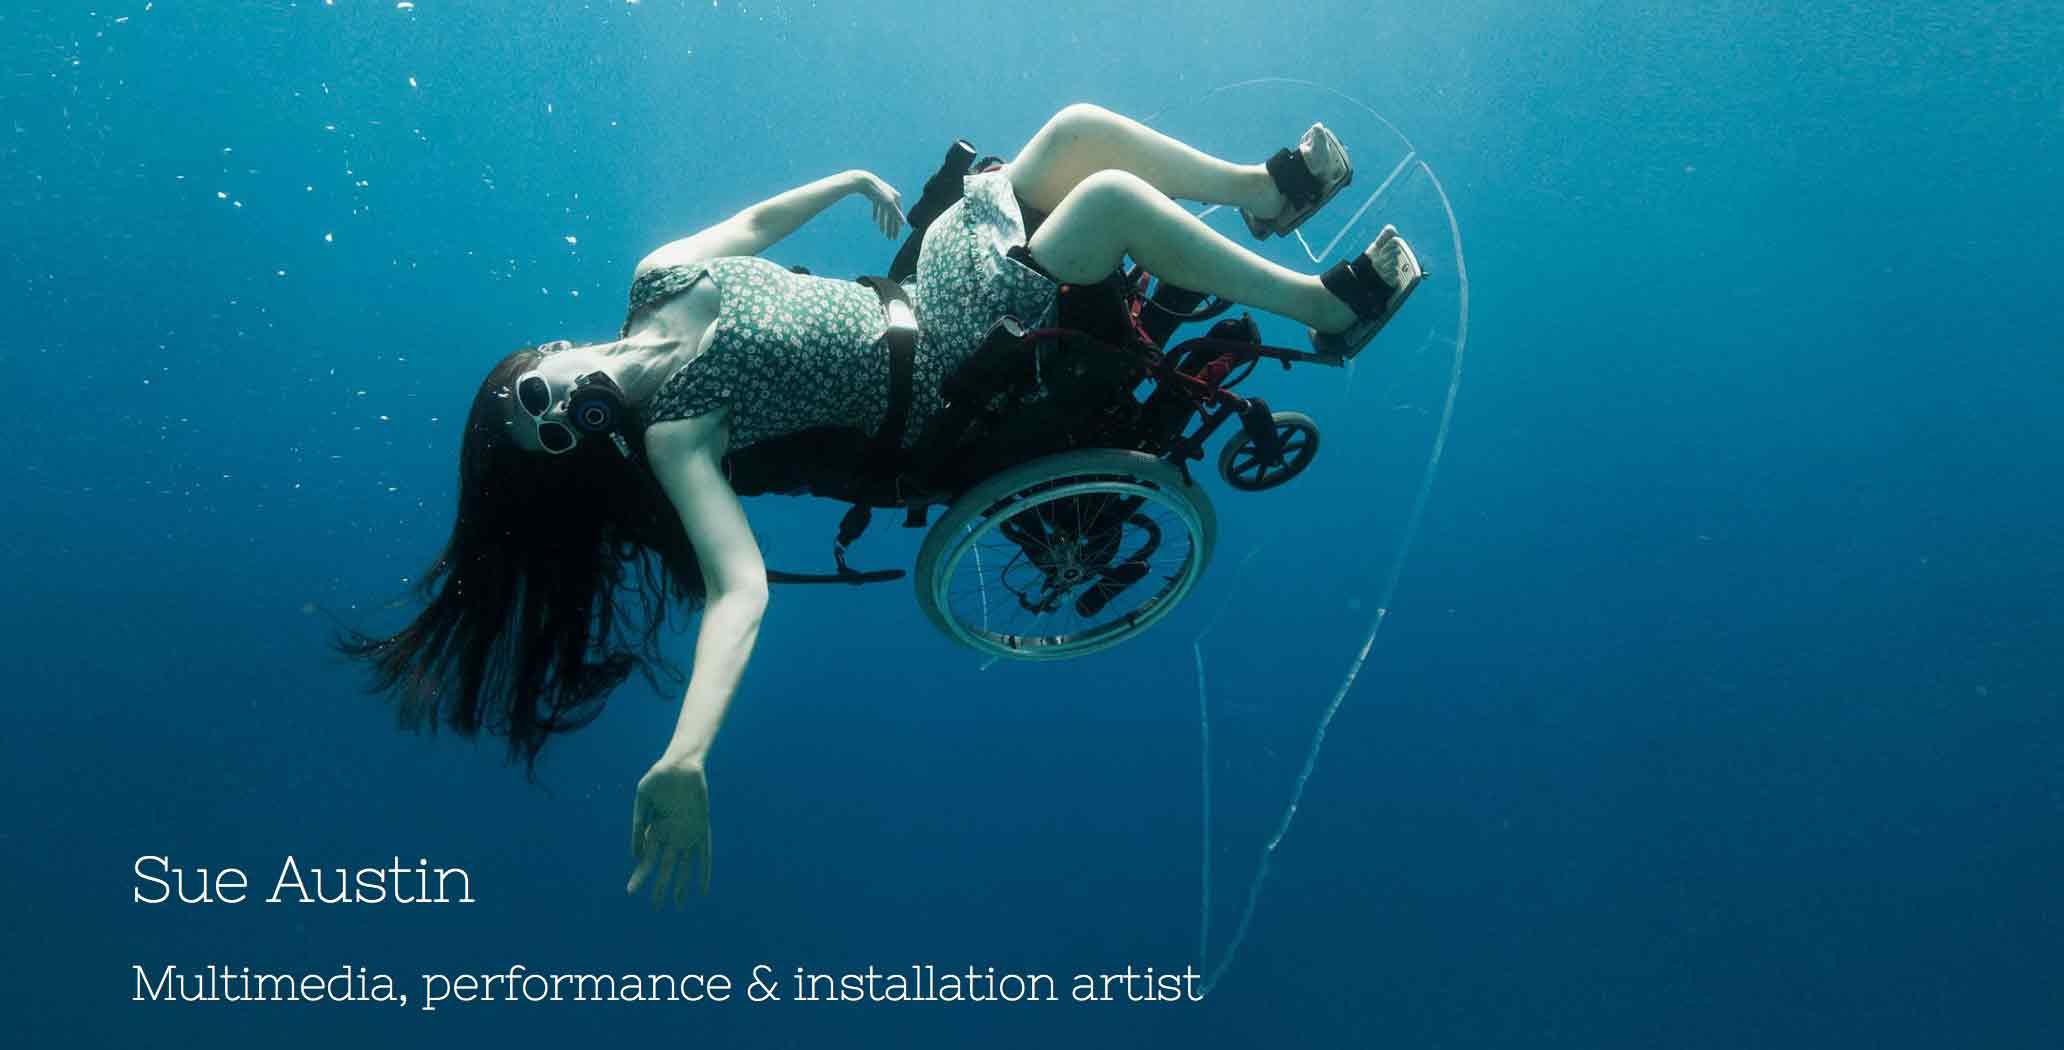 車椅子でダイビング。それはまさに、喜びと自由の証明。